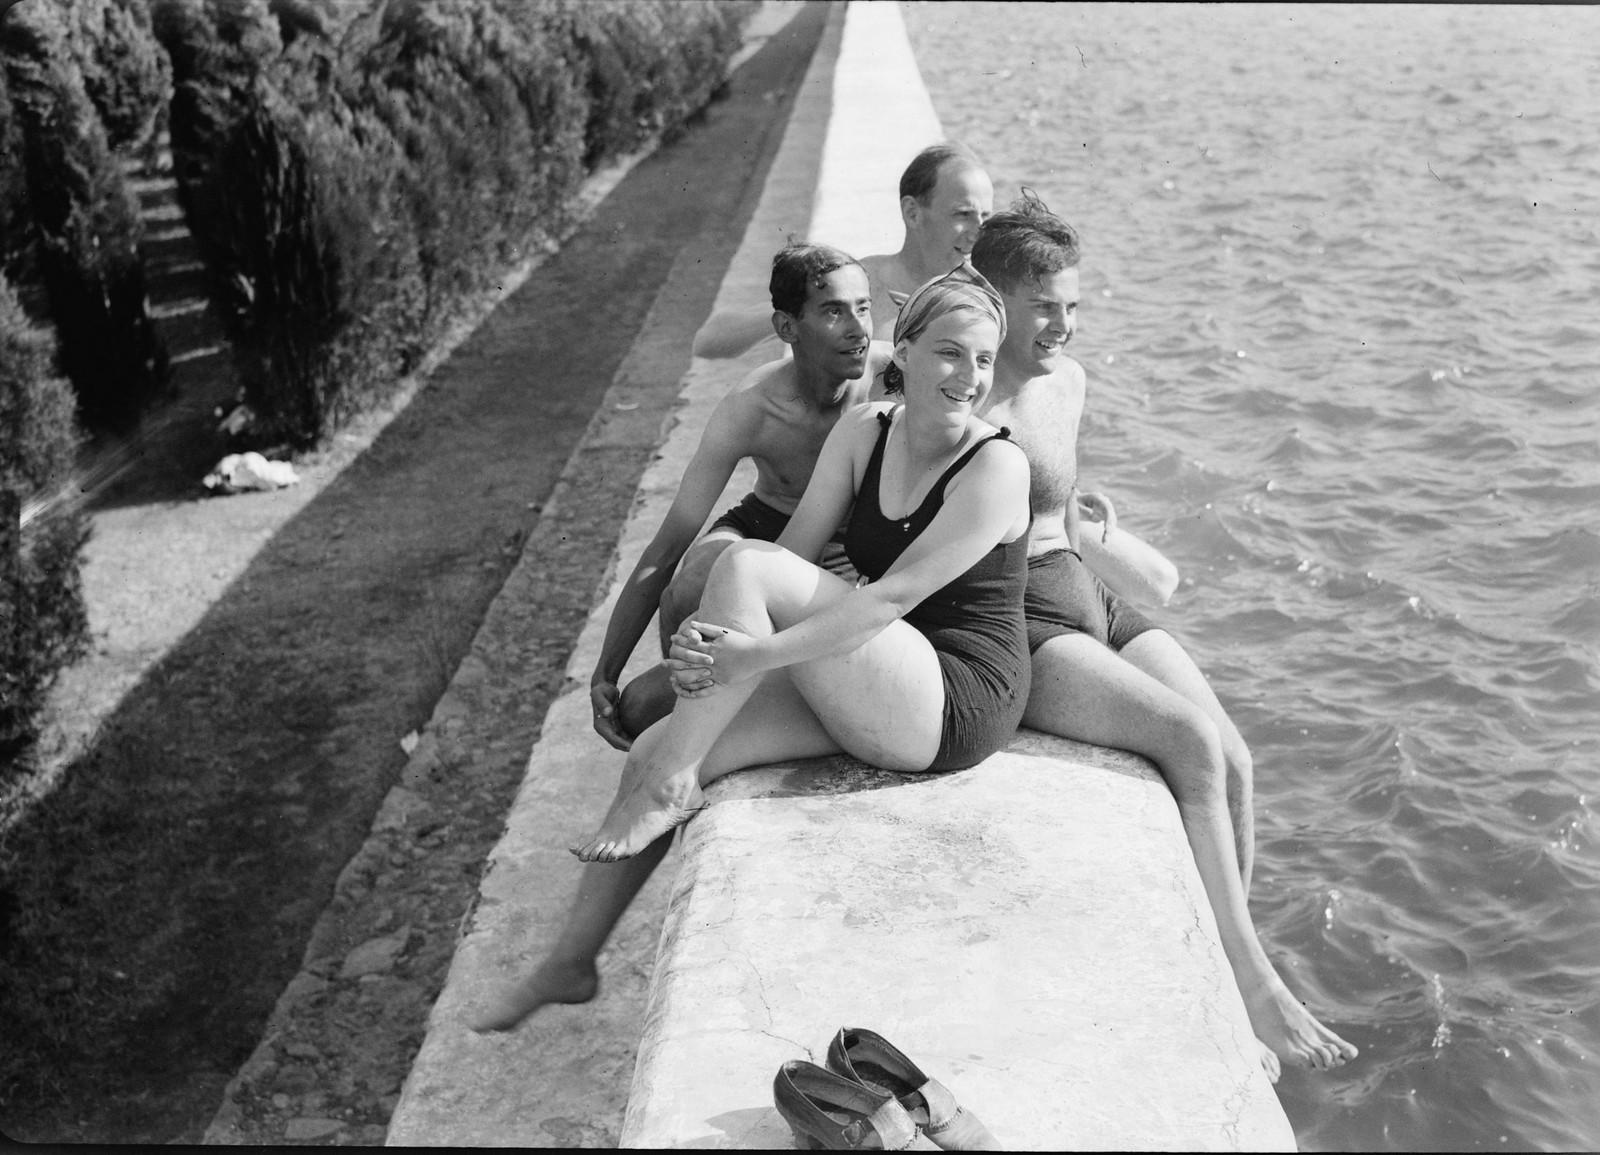 06. Группа отдыхающих на верхнем бассейне наблюдают, как другие купальщики делают решительный шаг